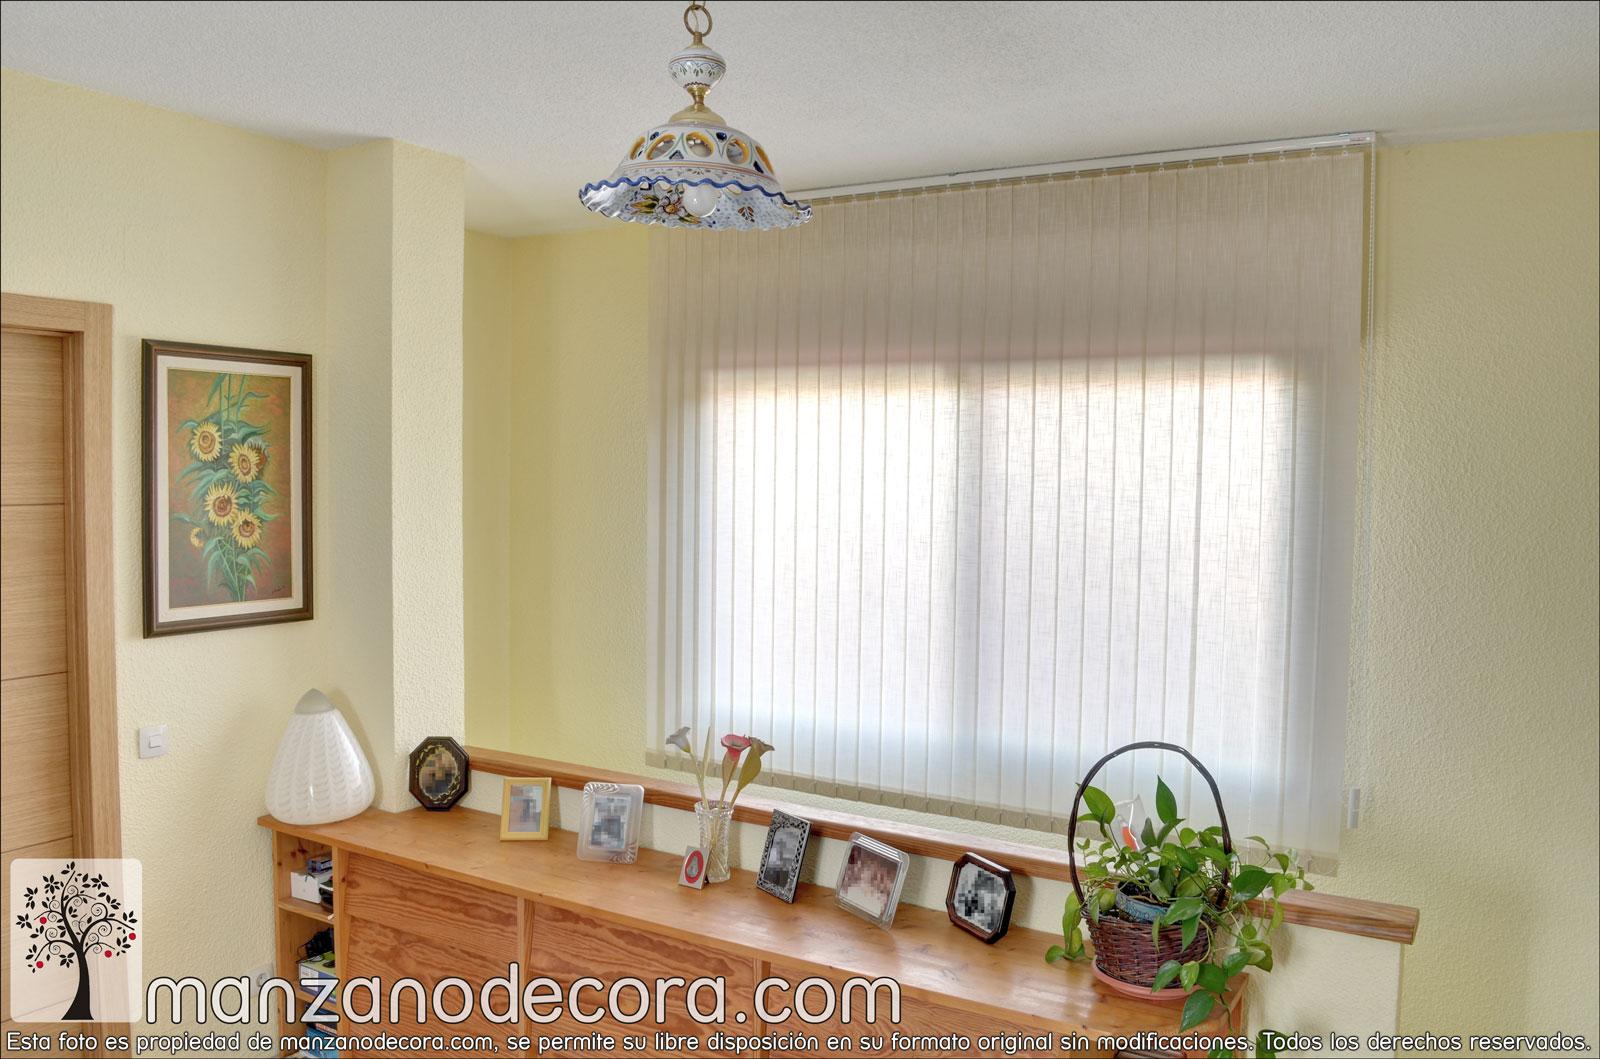 Persianas venecianas de tejido cortinas manzanodecora for Ventanas con persianas incorporadas